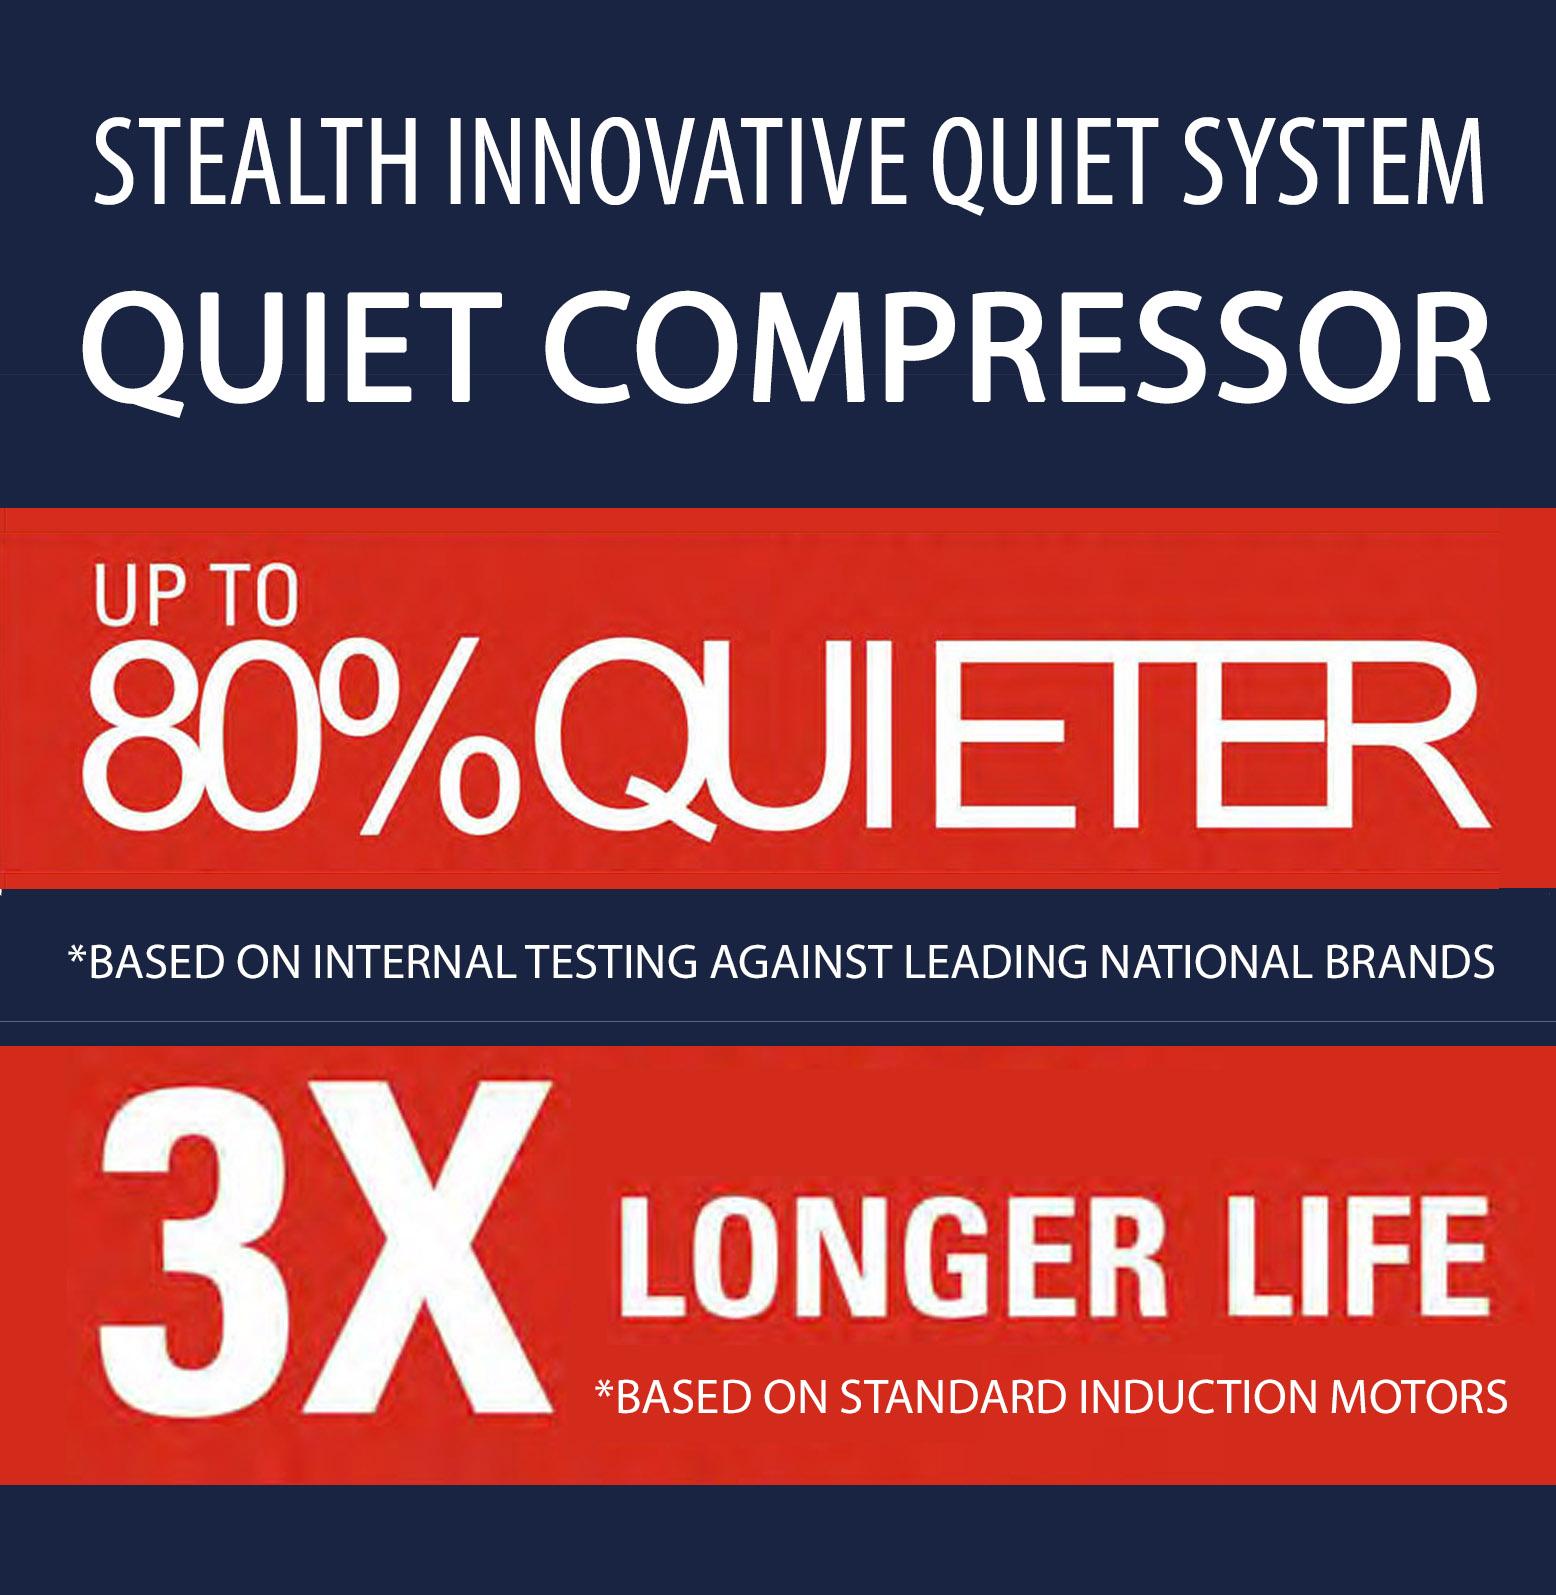 innovative-quiet-system-label.jpg